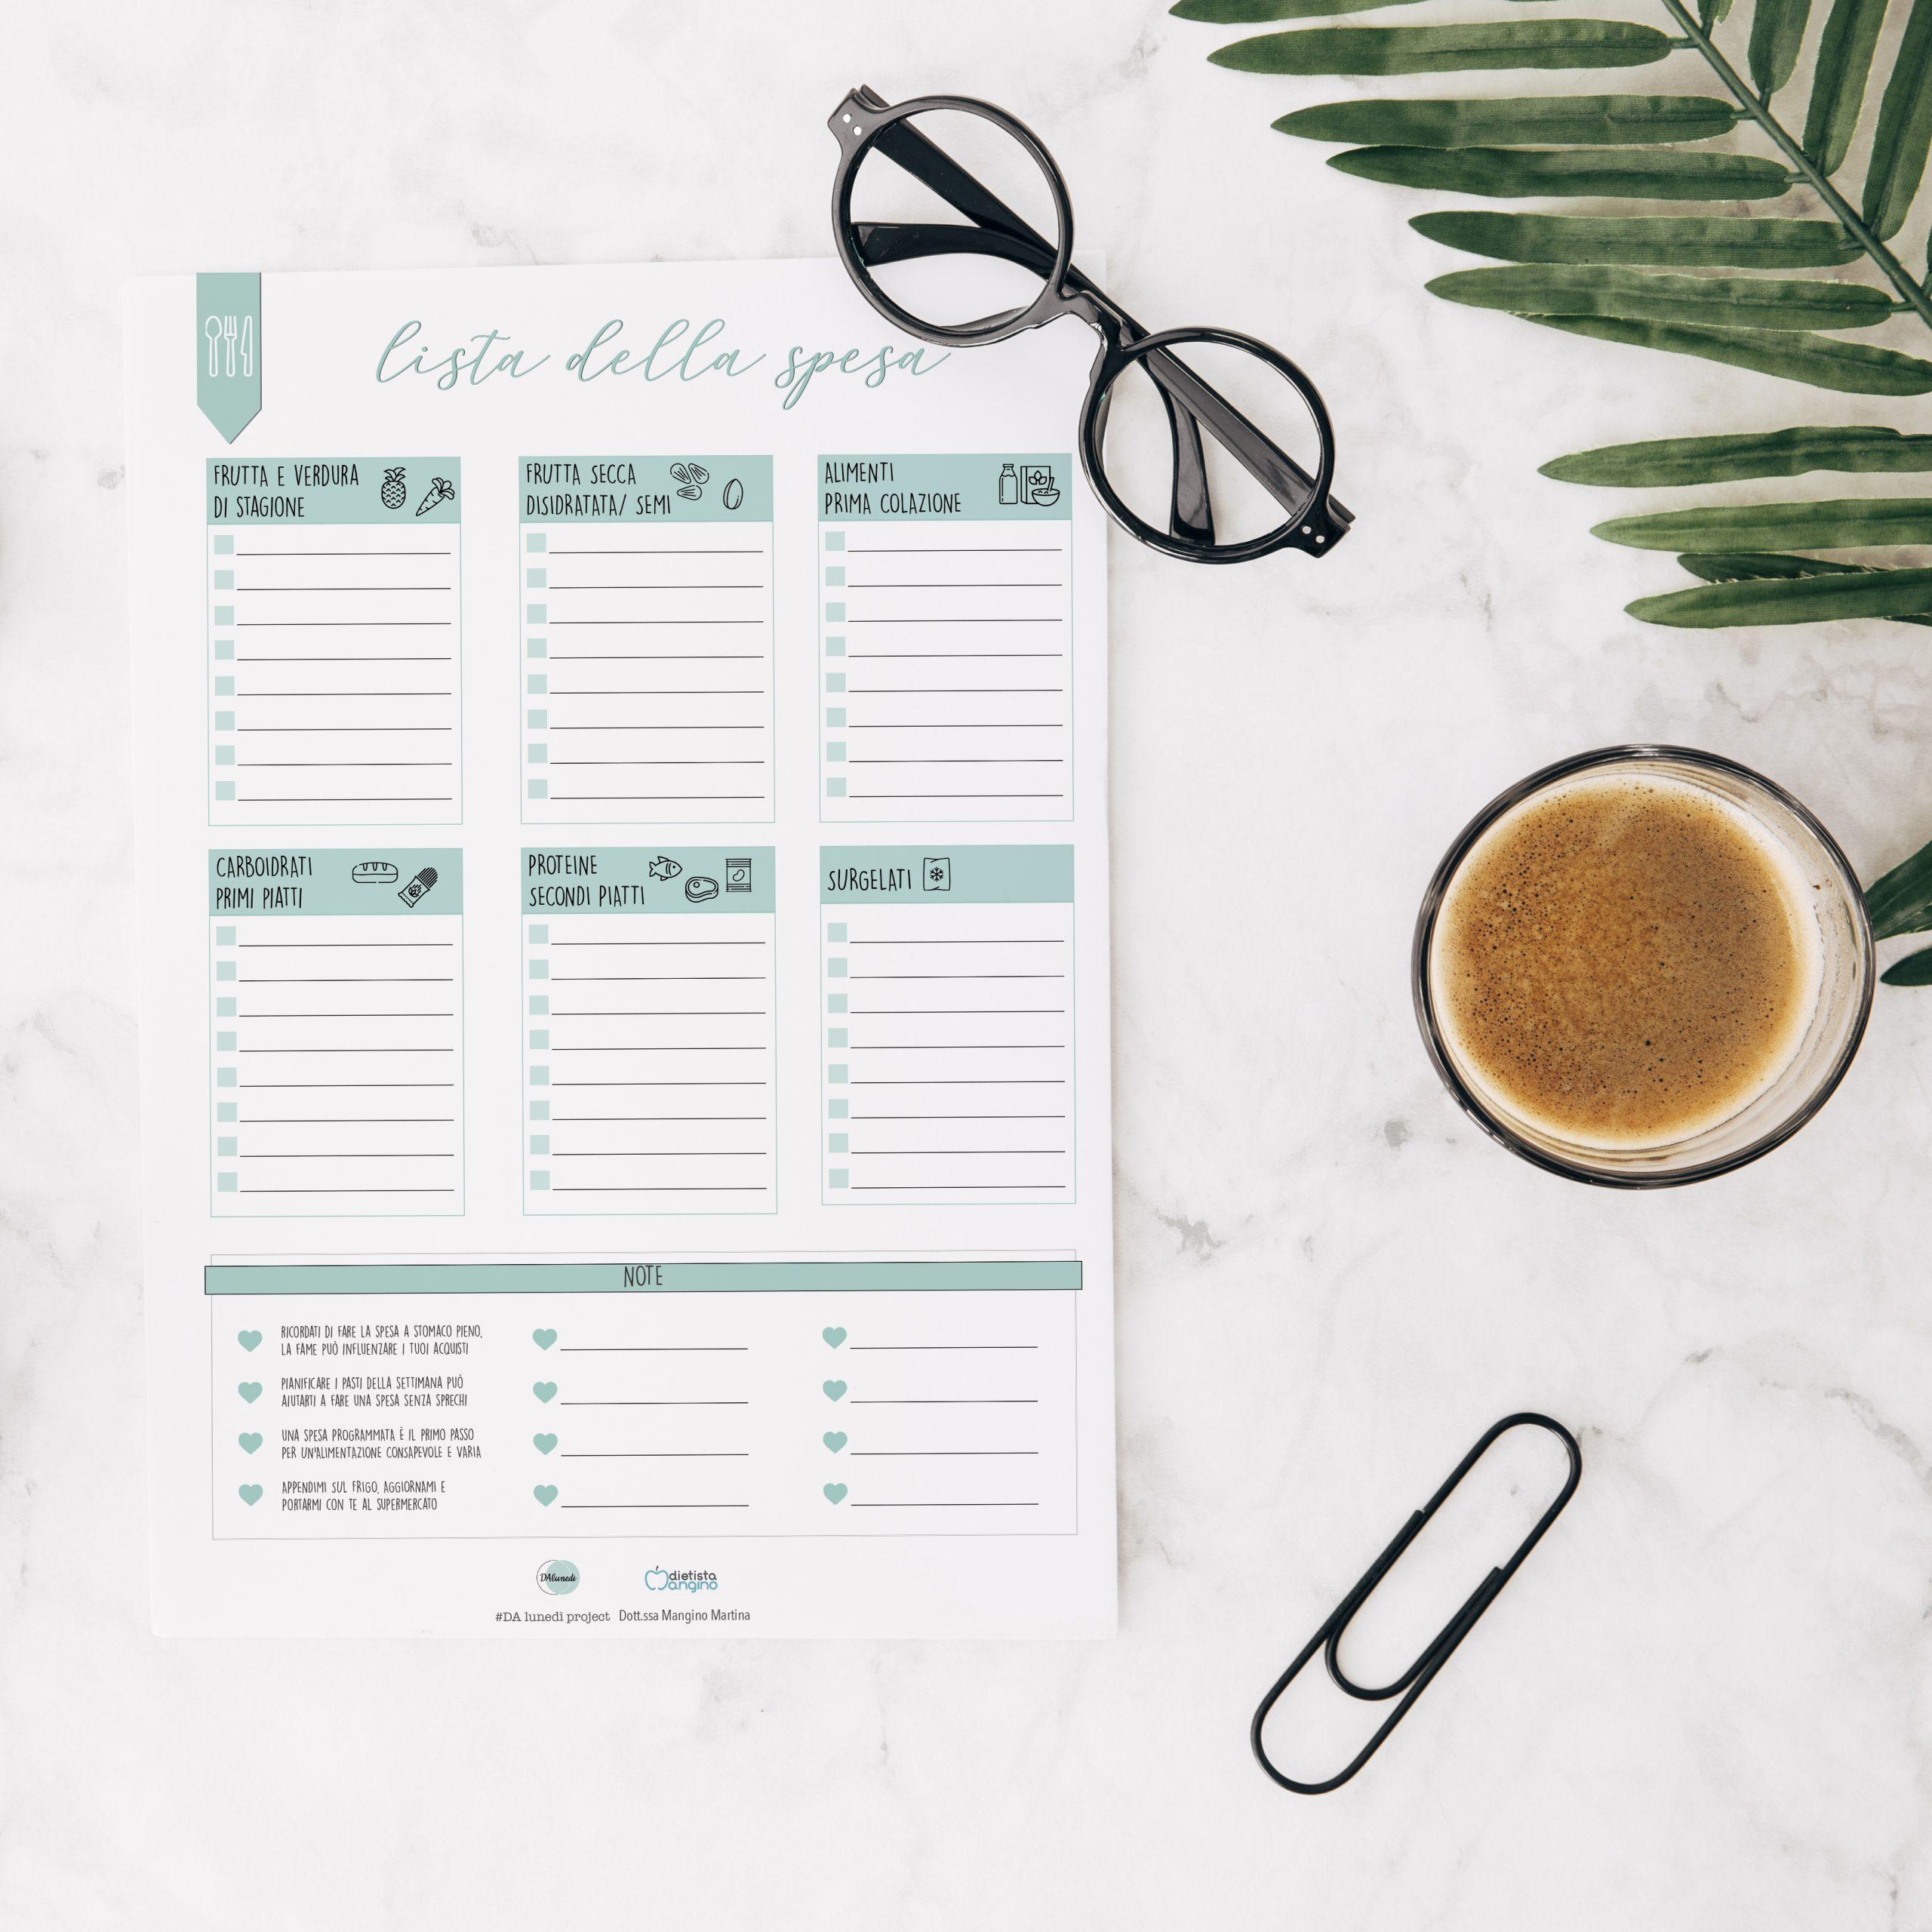 Lista della spesa consapevole da stampare, compilare e portare con te al supermercato.